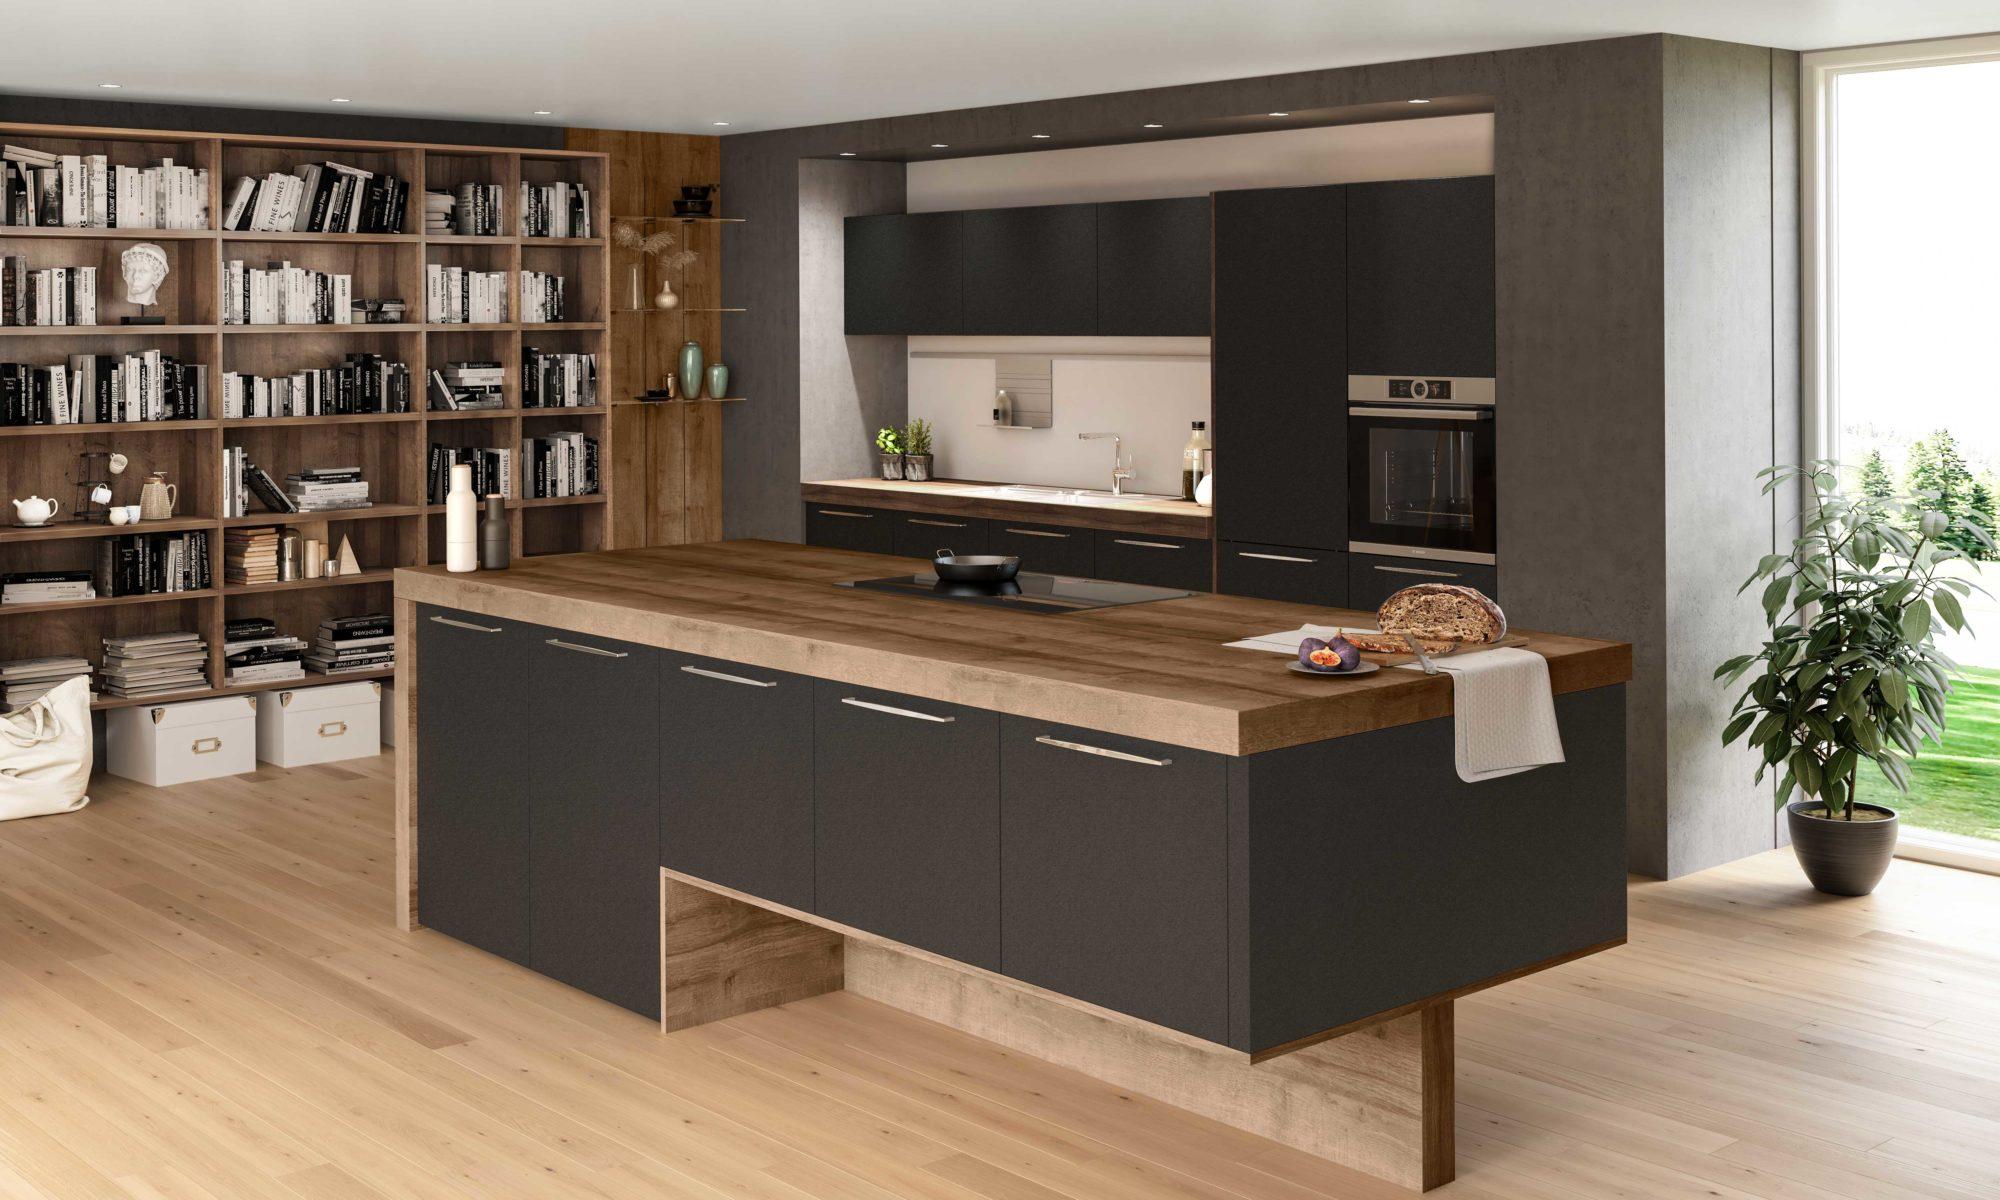 Sachsen Küchen, Oxana, Holz, Arbeitsplatte, Naturmaterial, schwarz